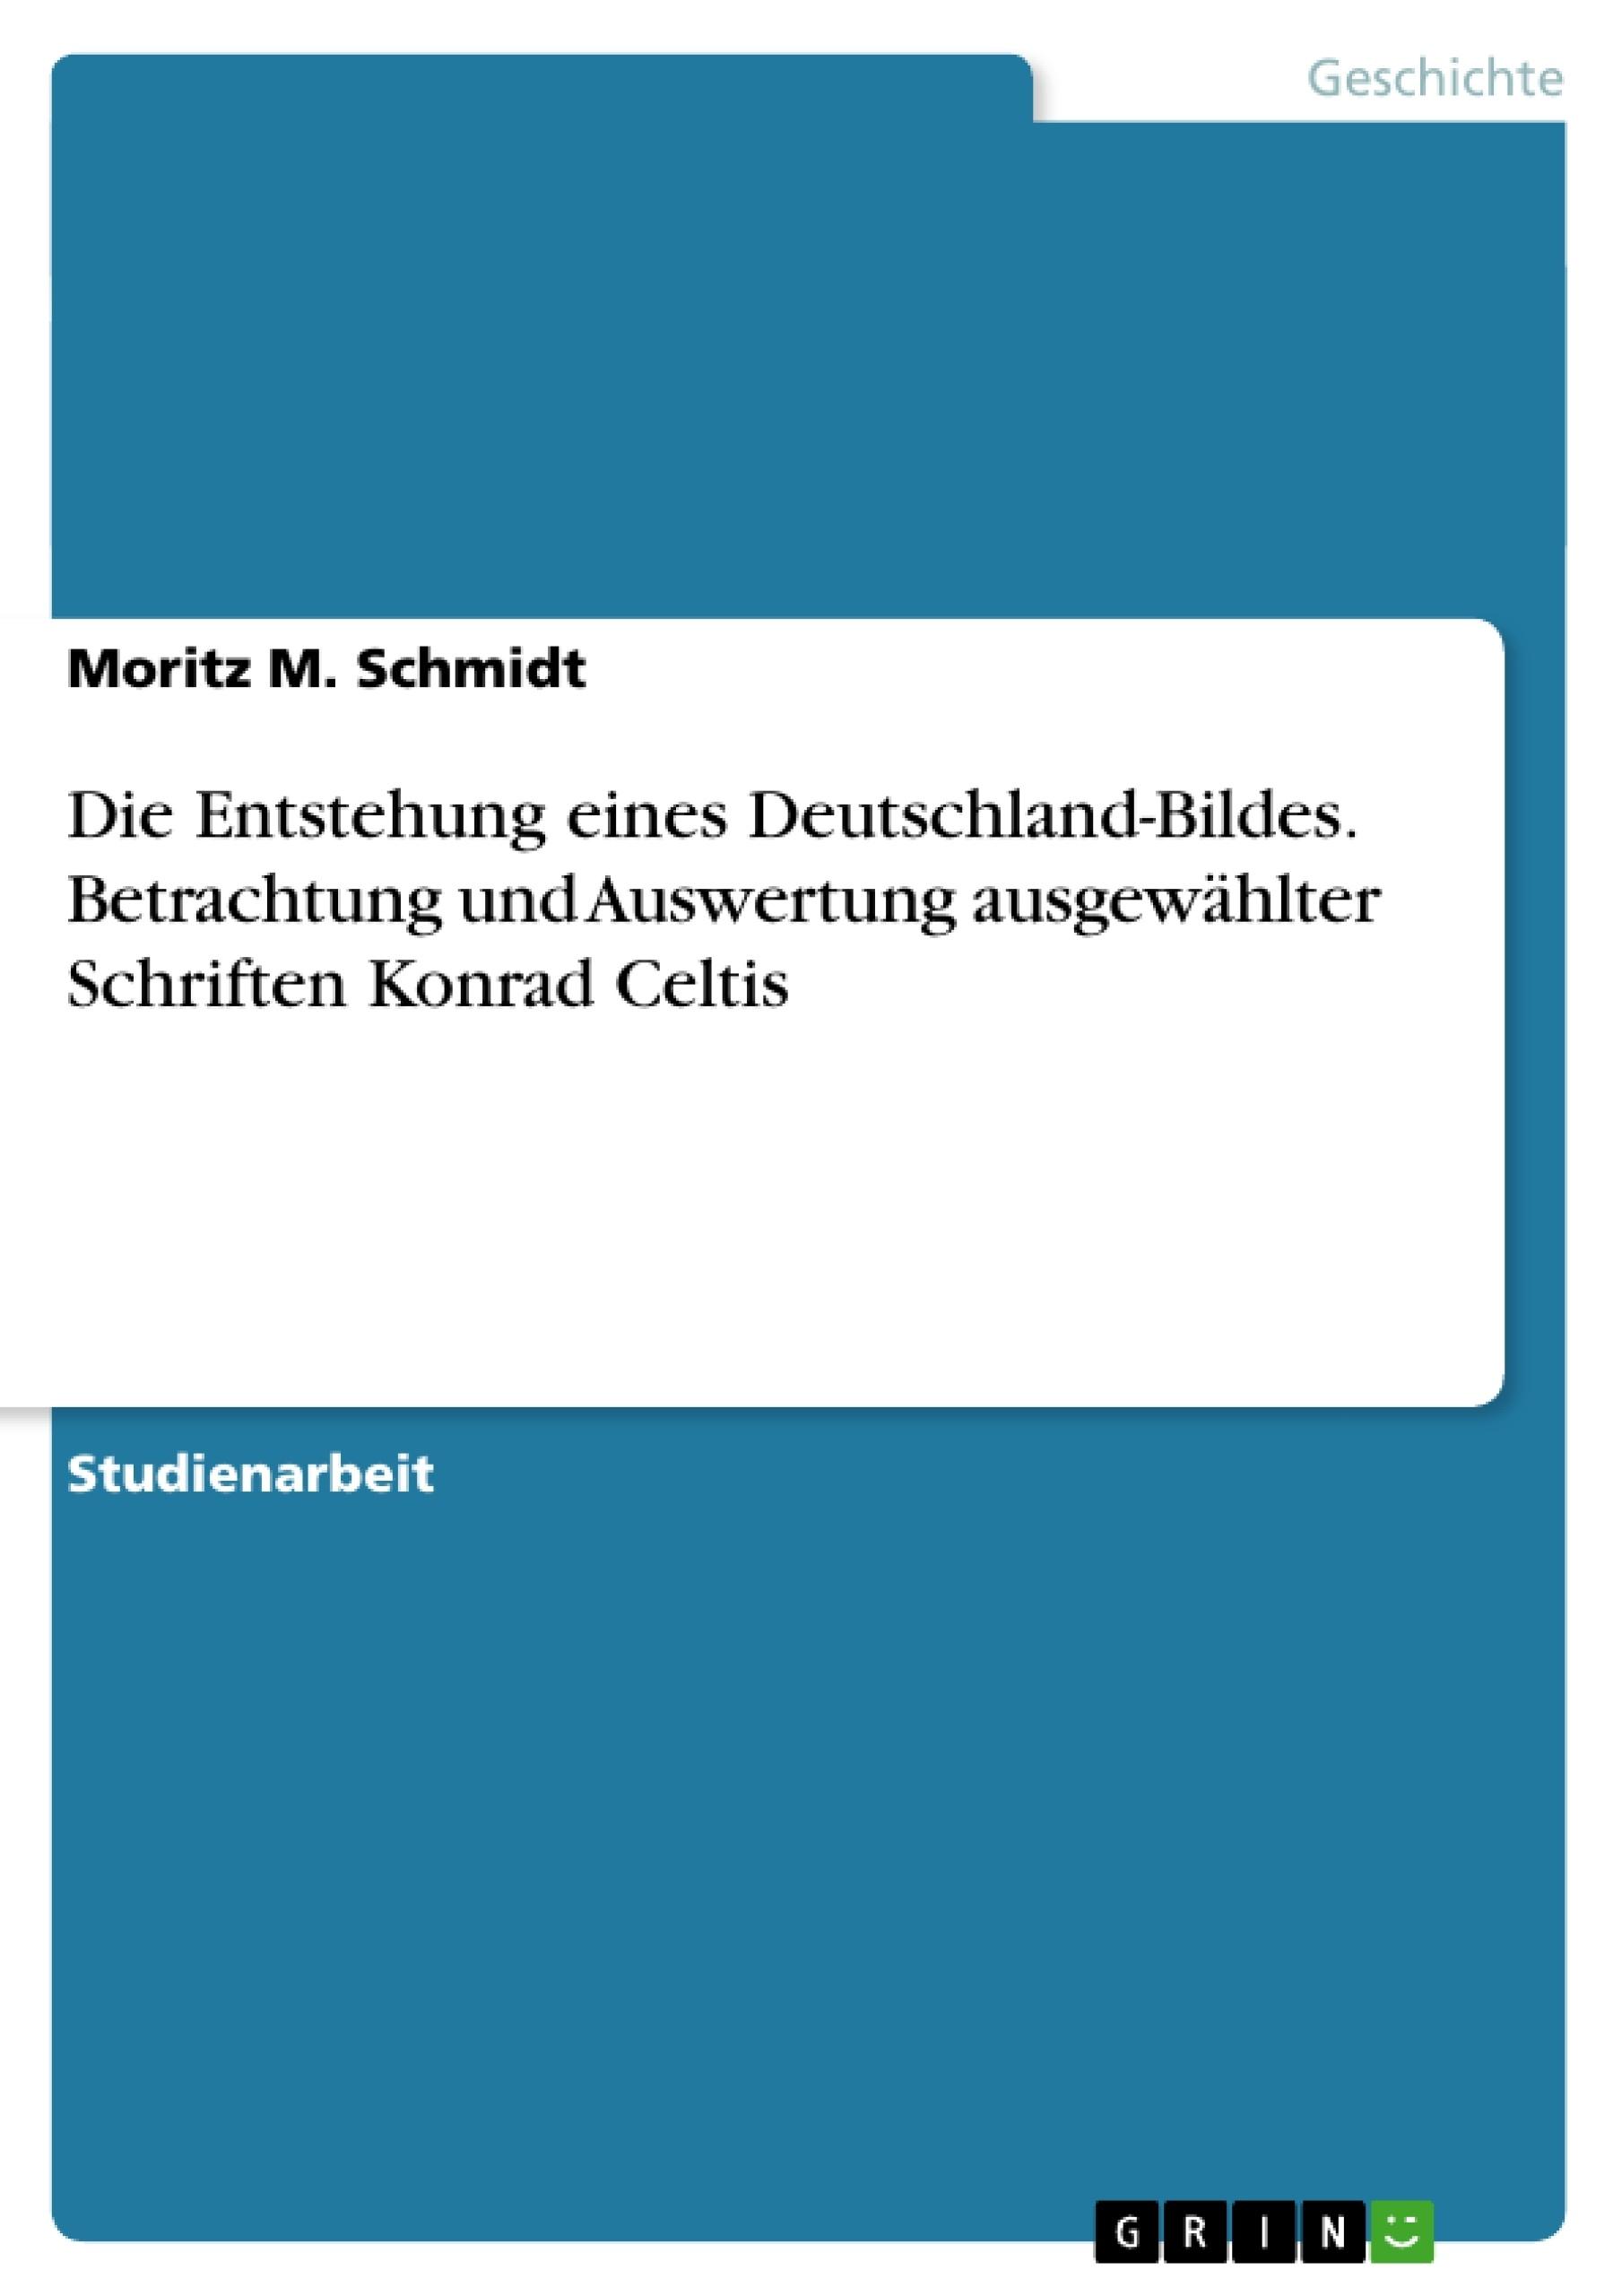 Titel: Die Entstehung eines Deutschland-Bildes. Betrachtung und Auswertung ausgewählter Schriften Konrad Celtis